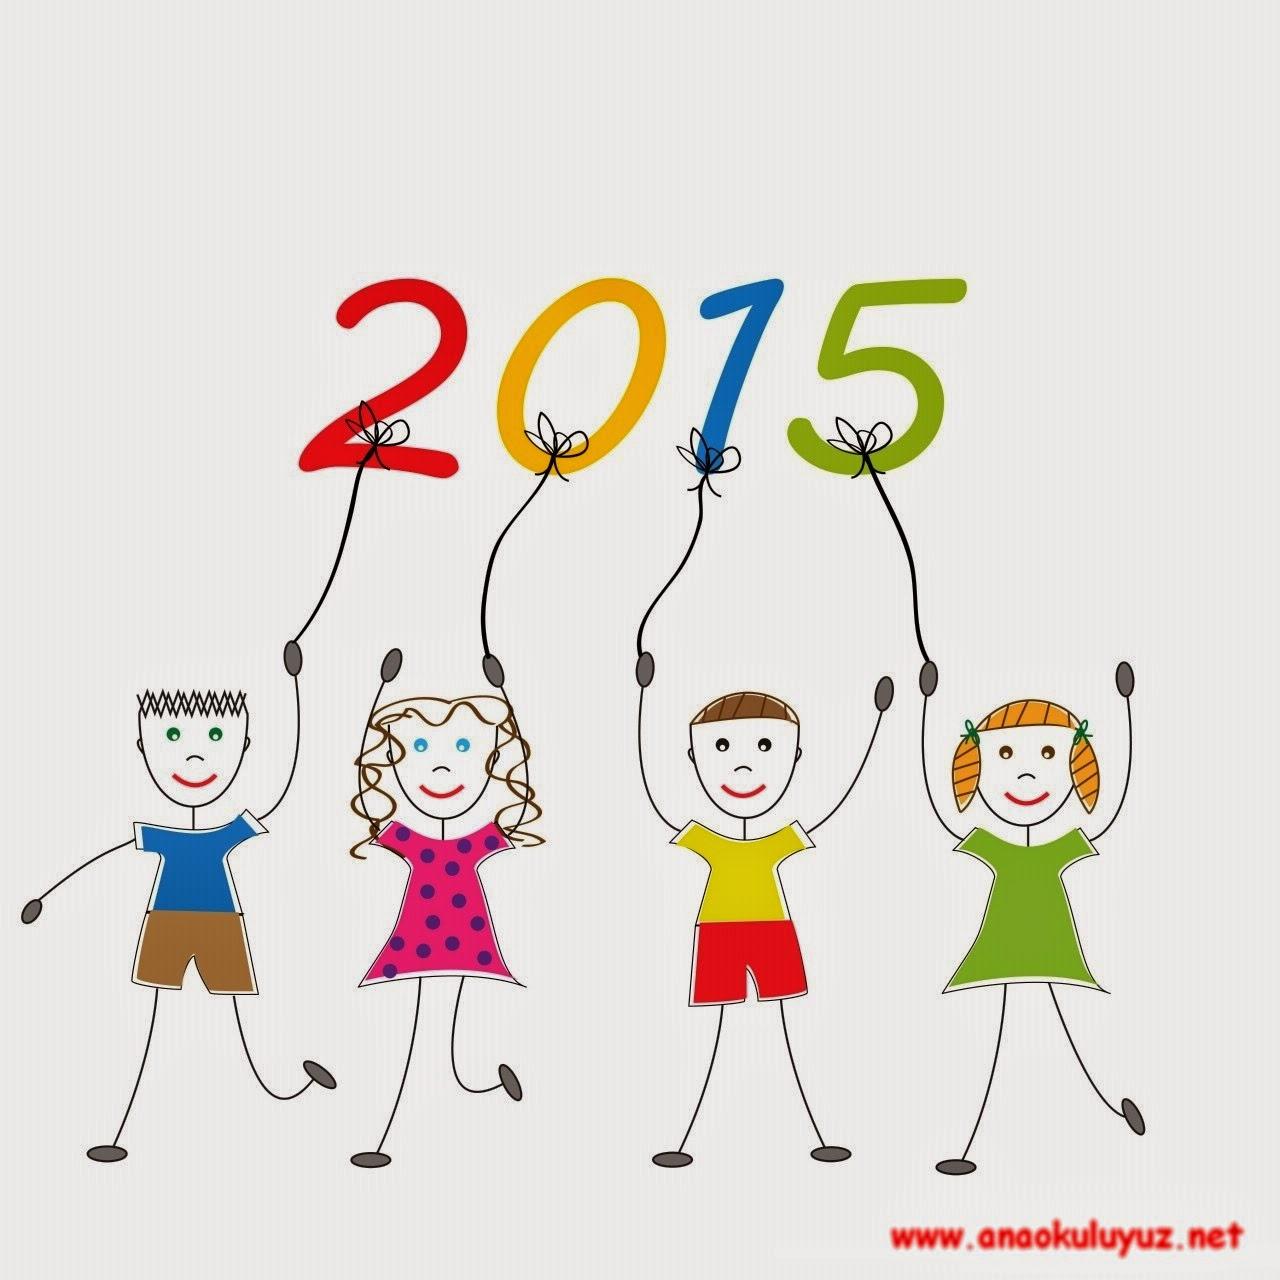 HAAPY NEW YEAR 2015 bilder